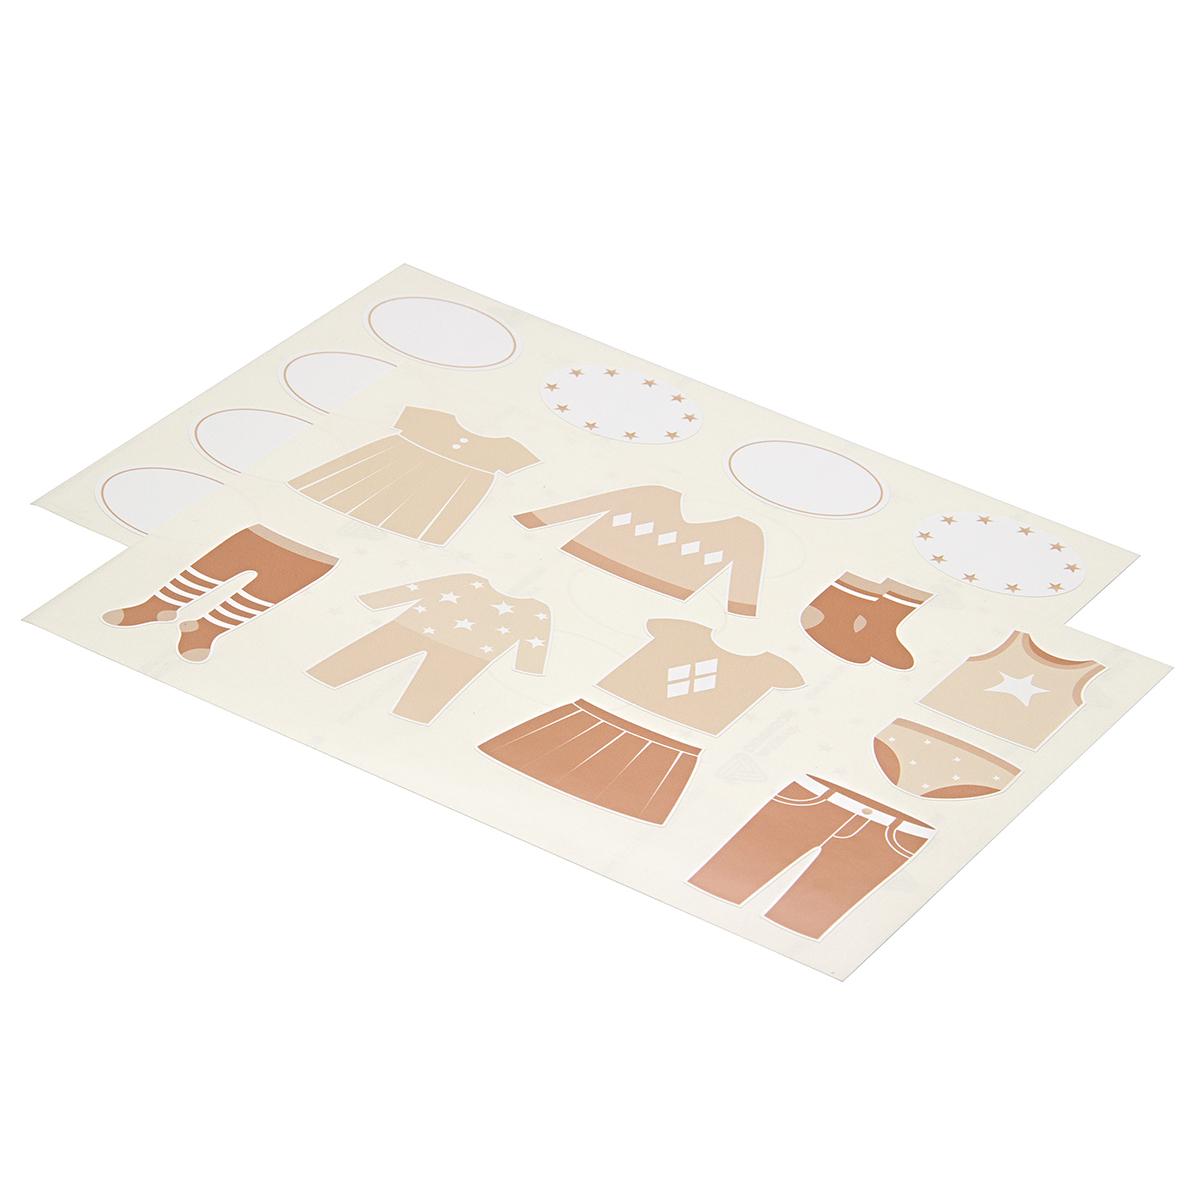 Комплект наклеек в детскую комнату 21?29,7 см, 2 листа, бежевый